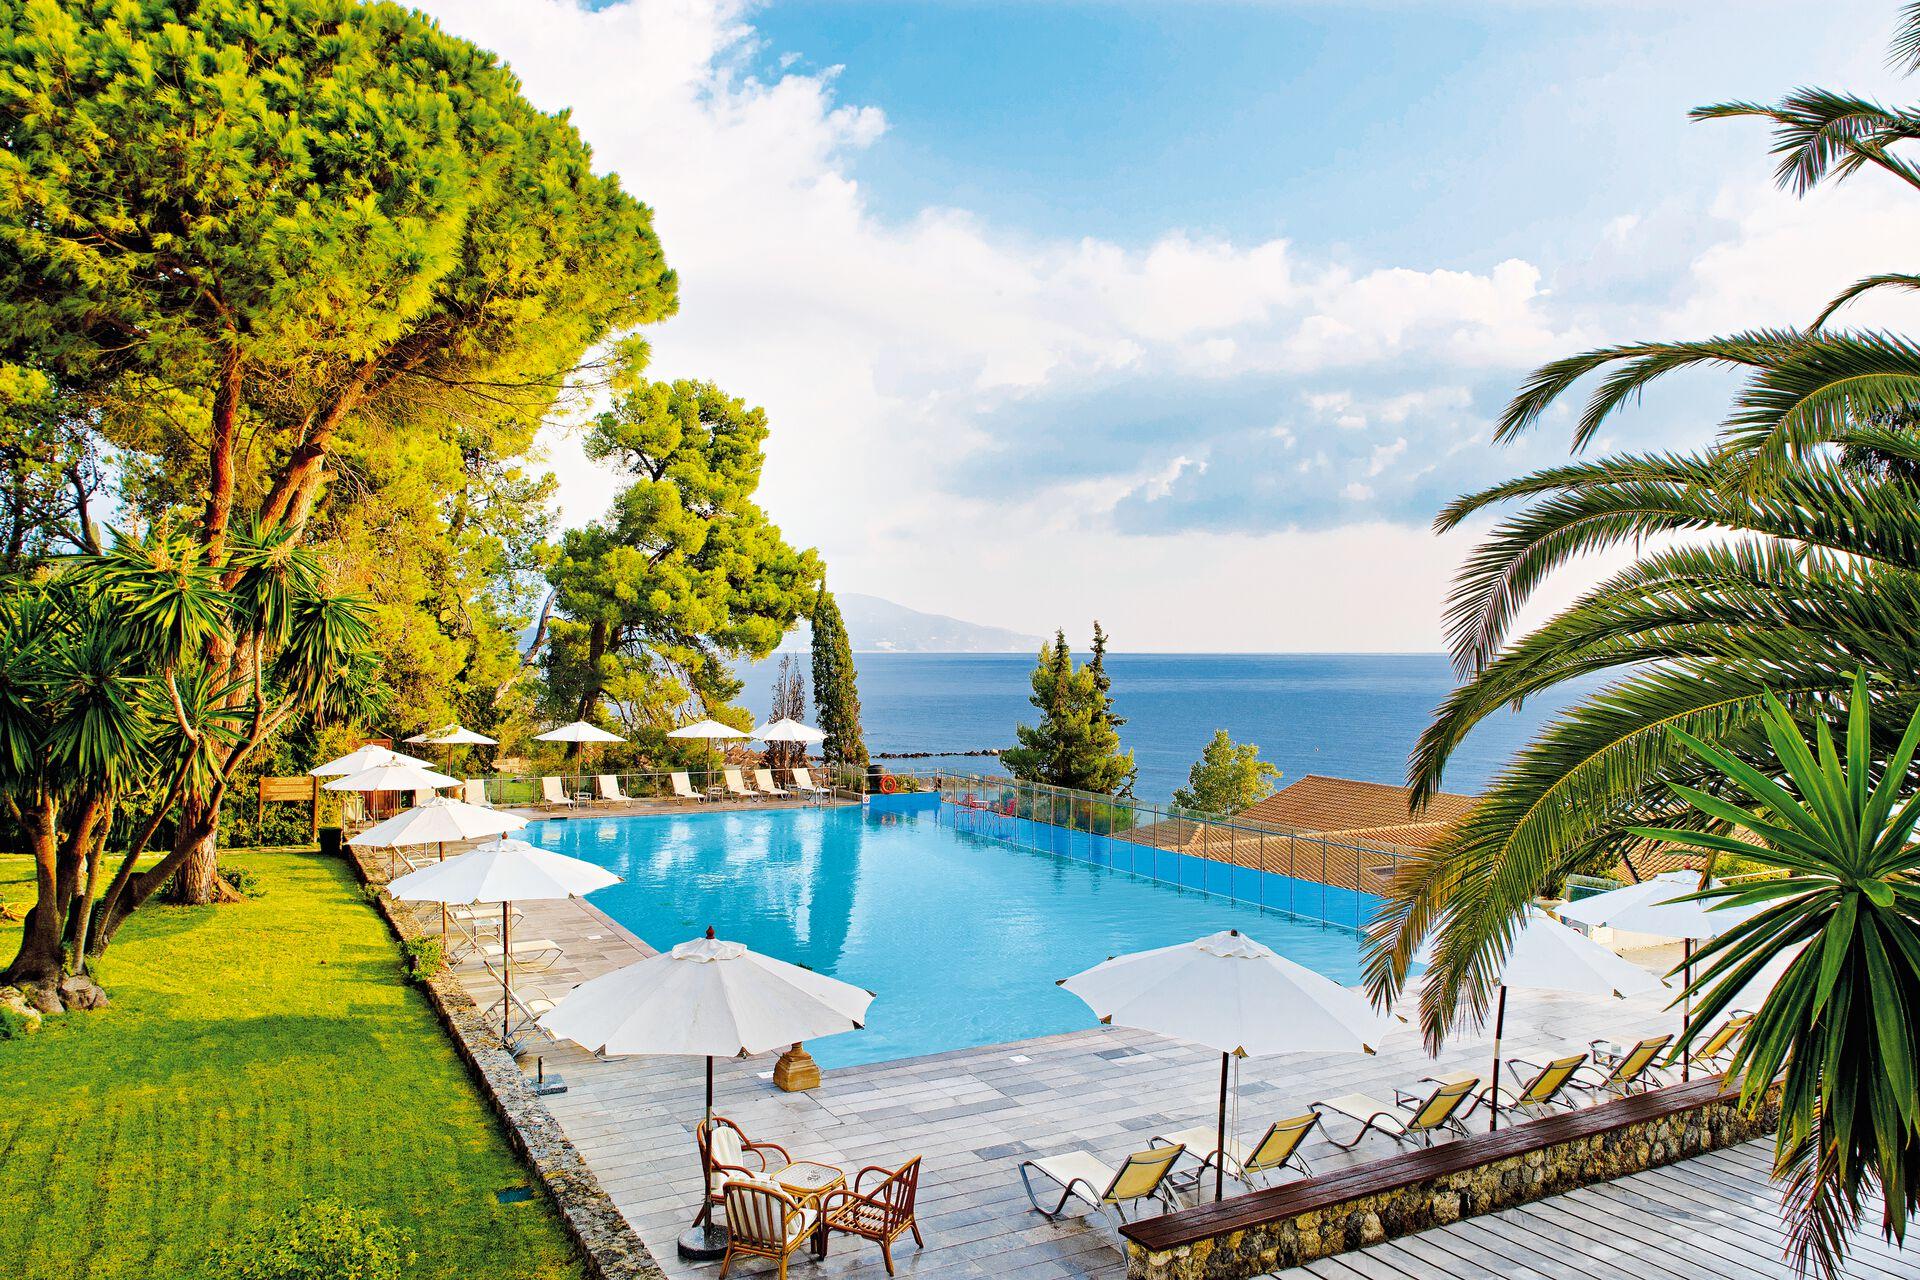 Kontokali Bay Resort & Spa - 5*